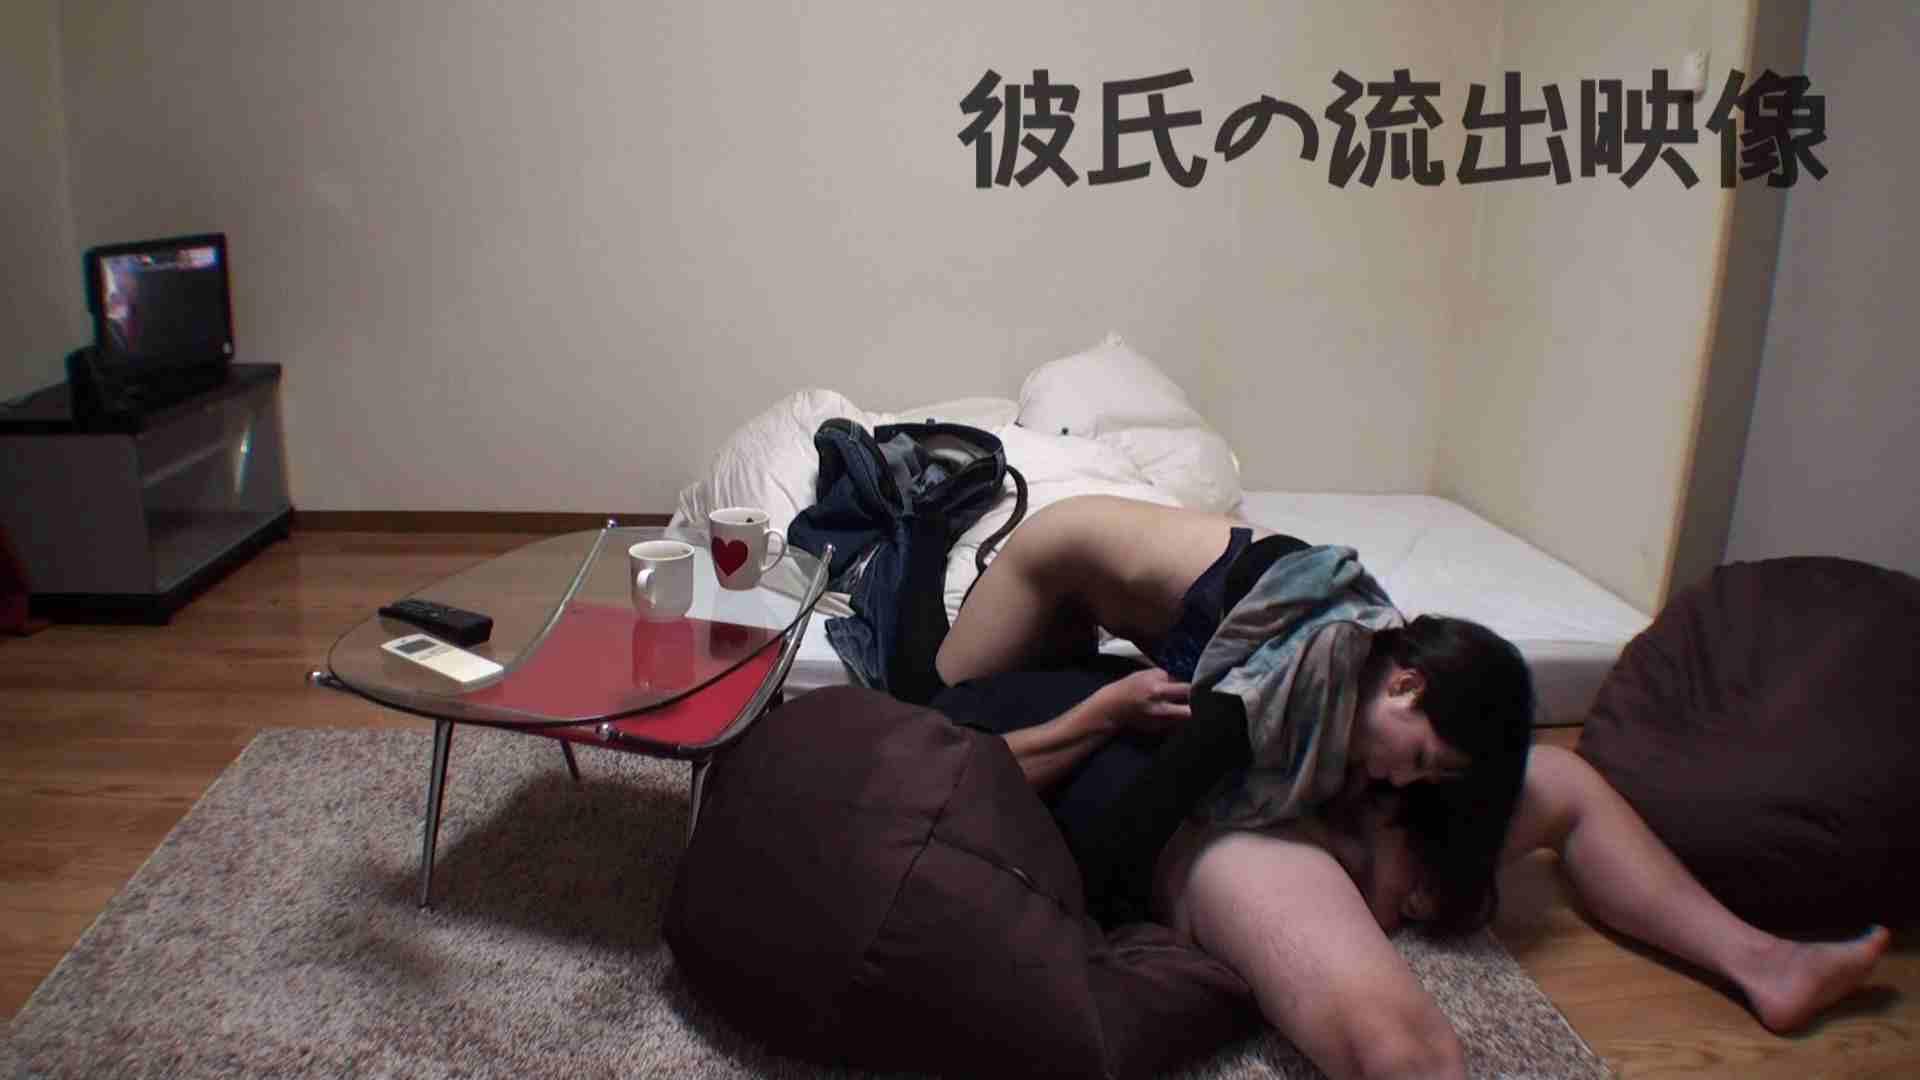 彼氏が流出 パイパン素人嬢のハメ撮り映像02 フェラ セックス画像 90連発 56